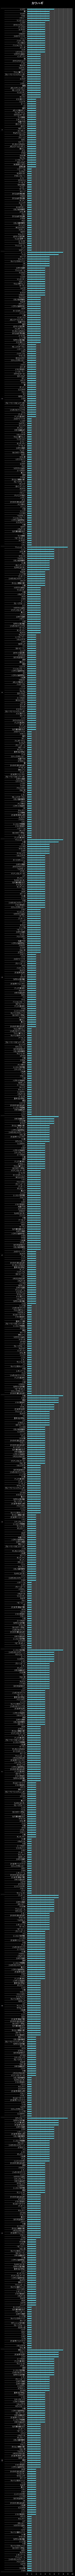 横棒グラフ/カワハギ